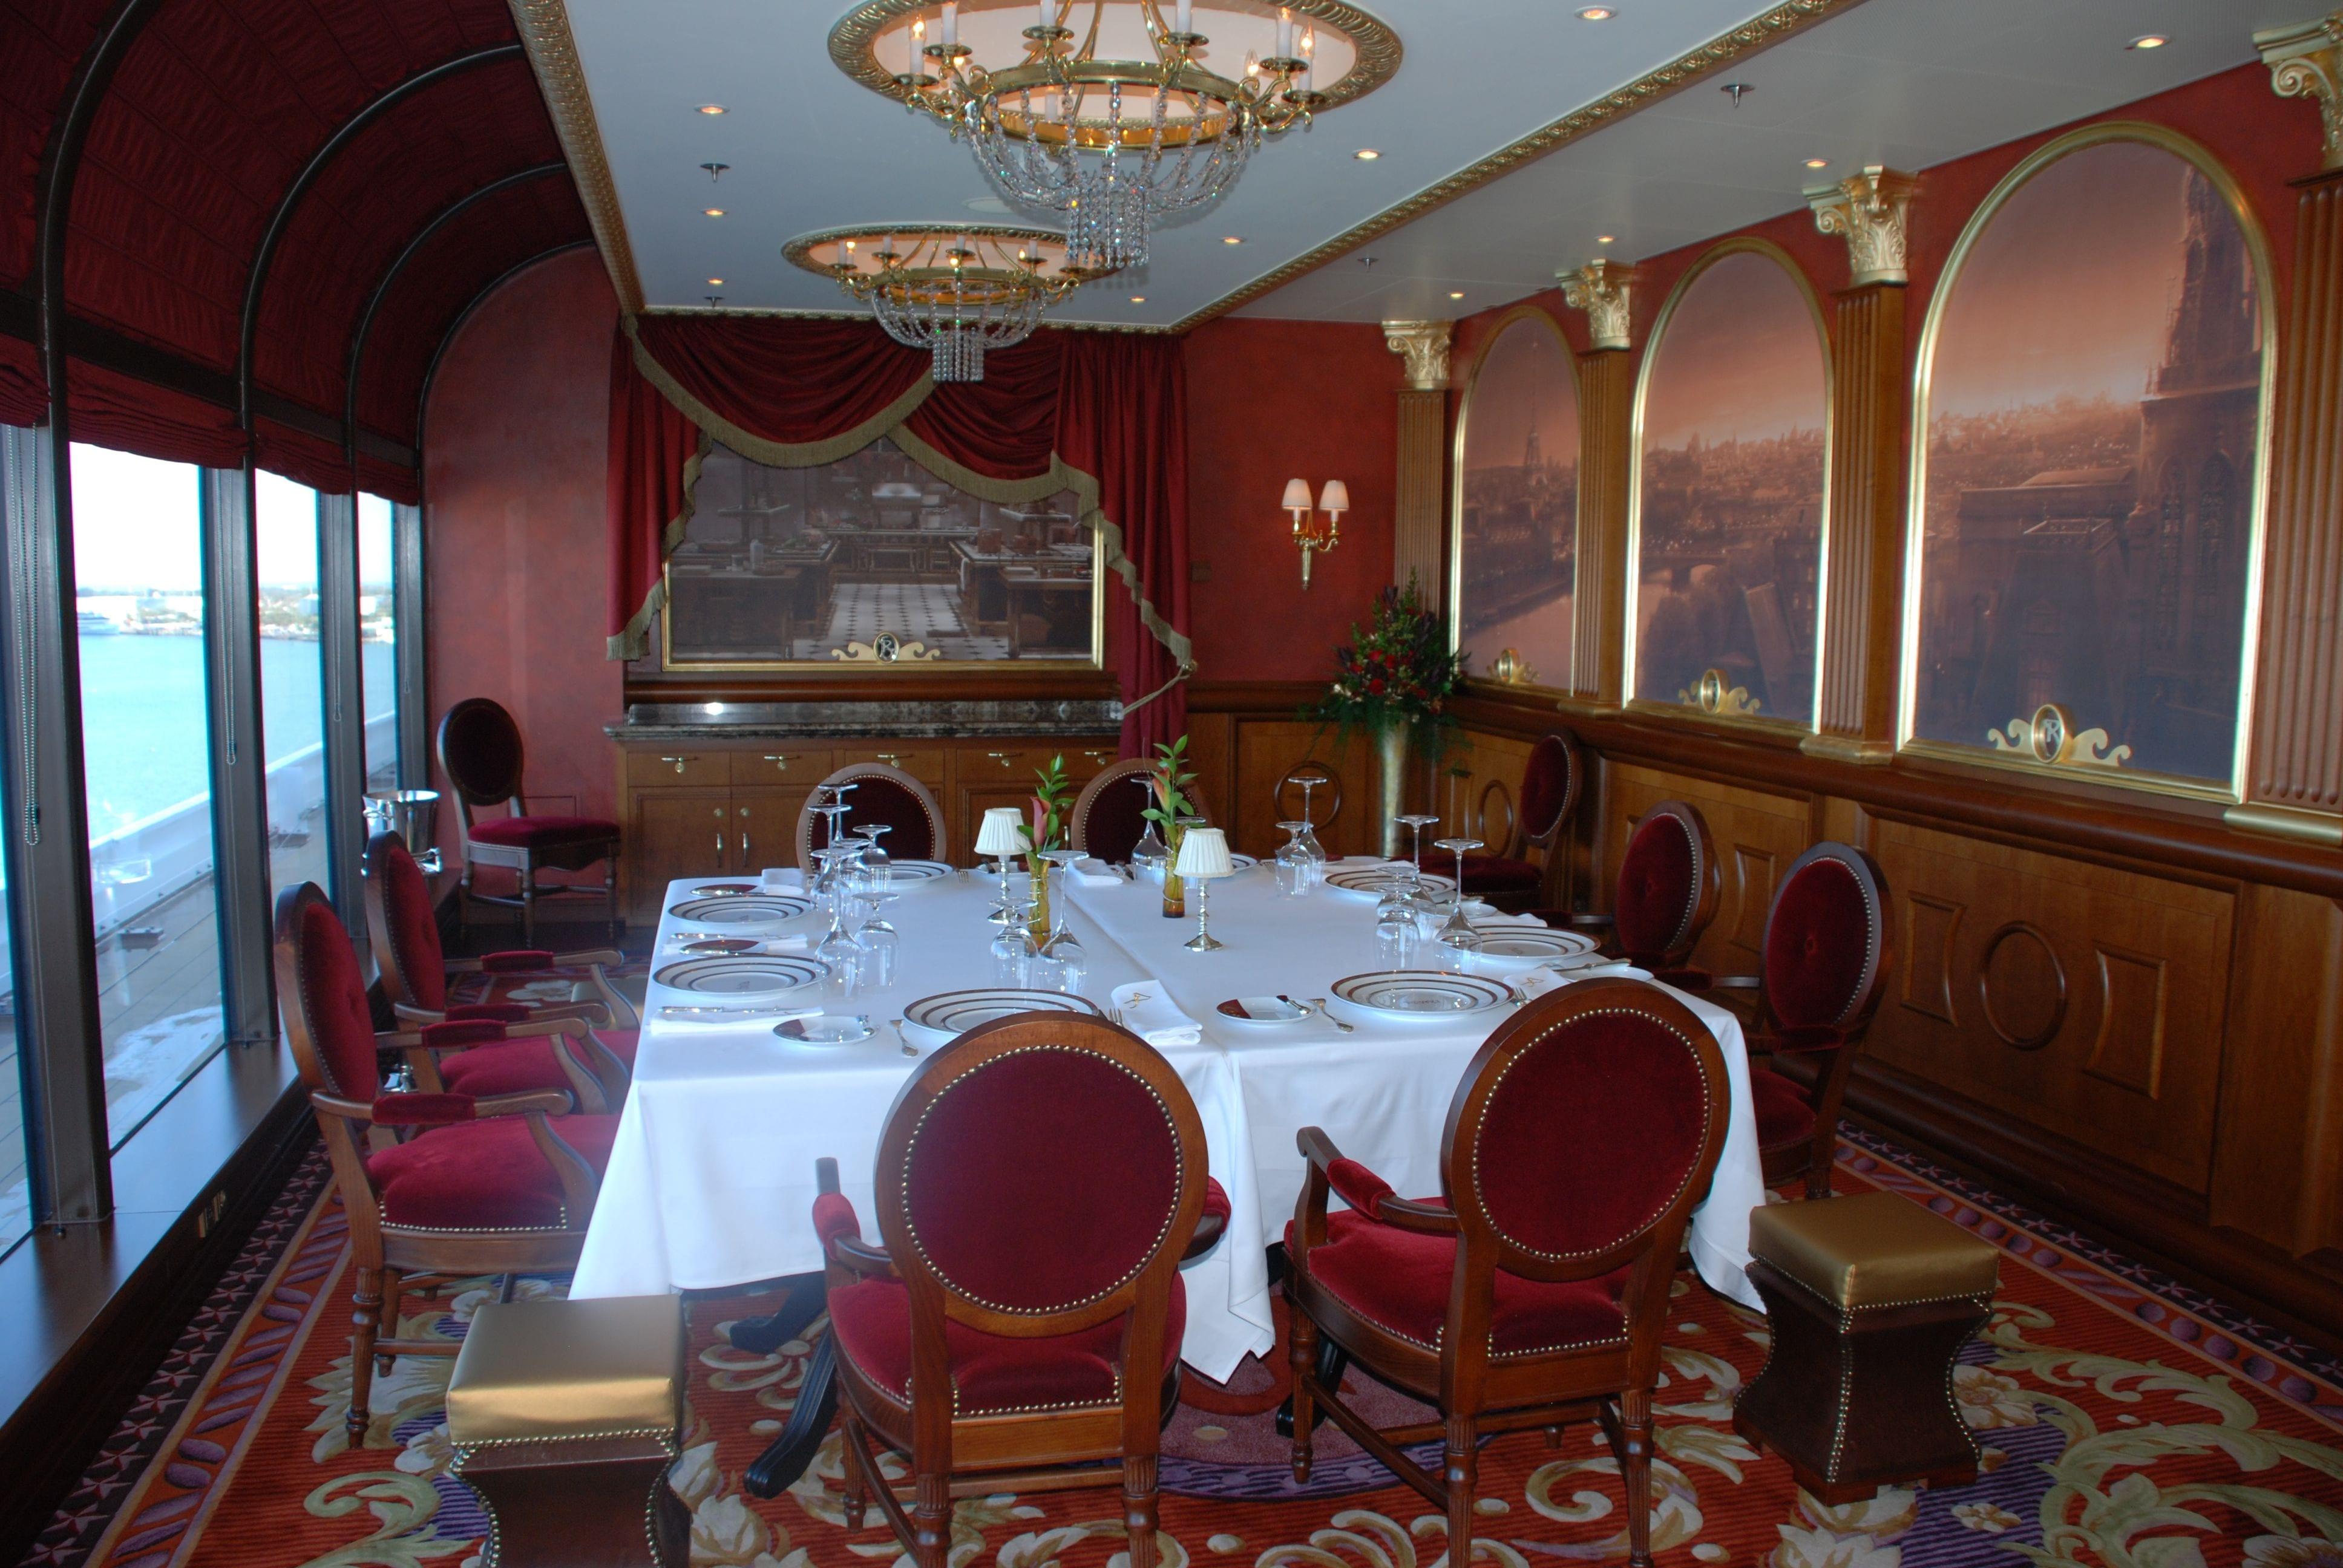 Disney Dream Cruise Ship Restaurant Review